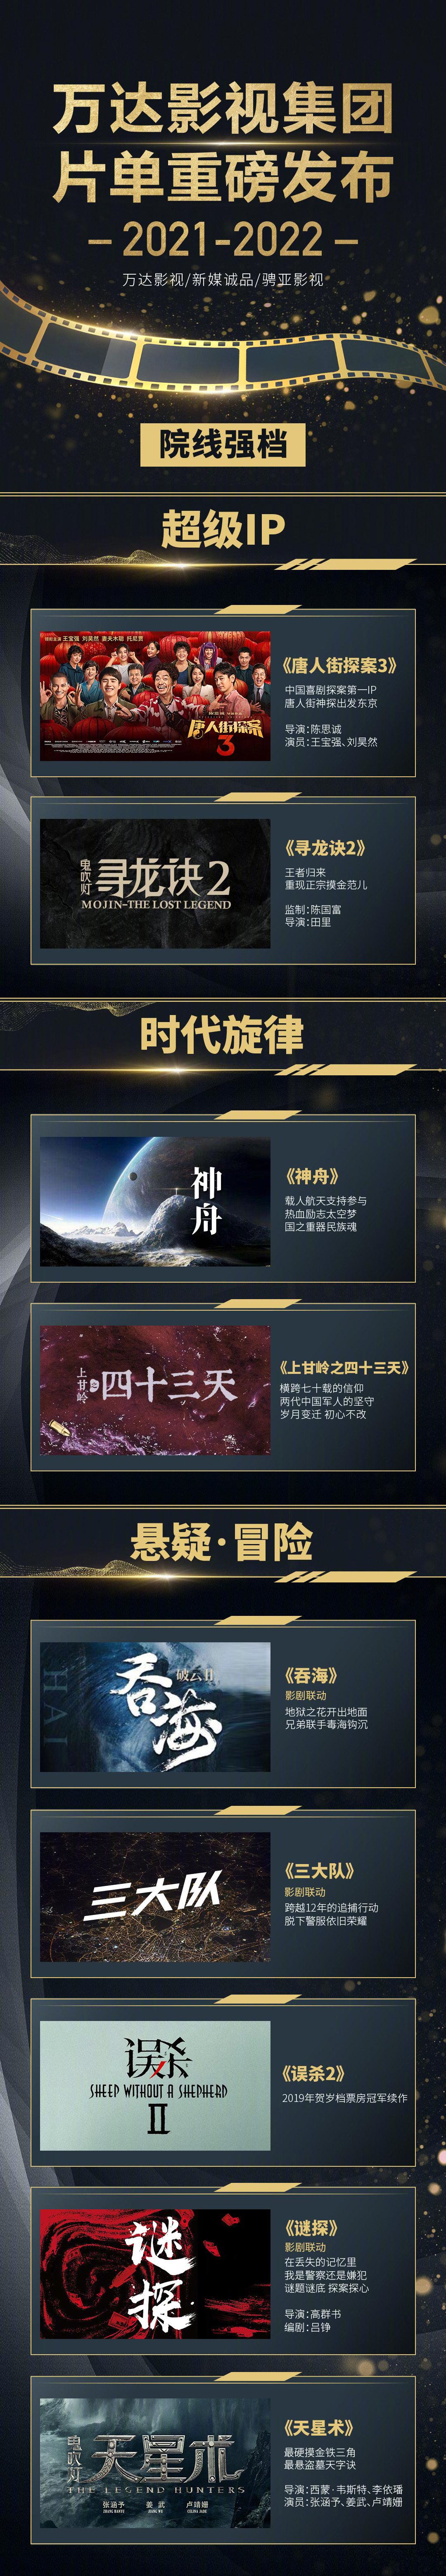 万达影视发布2021-2022年度片单 包含《唐探3》《寻龙诀2》等